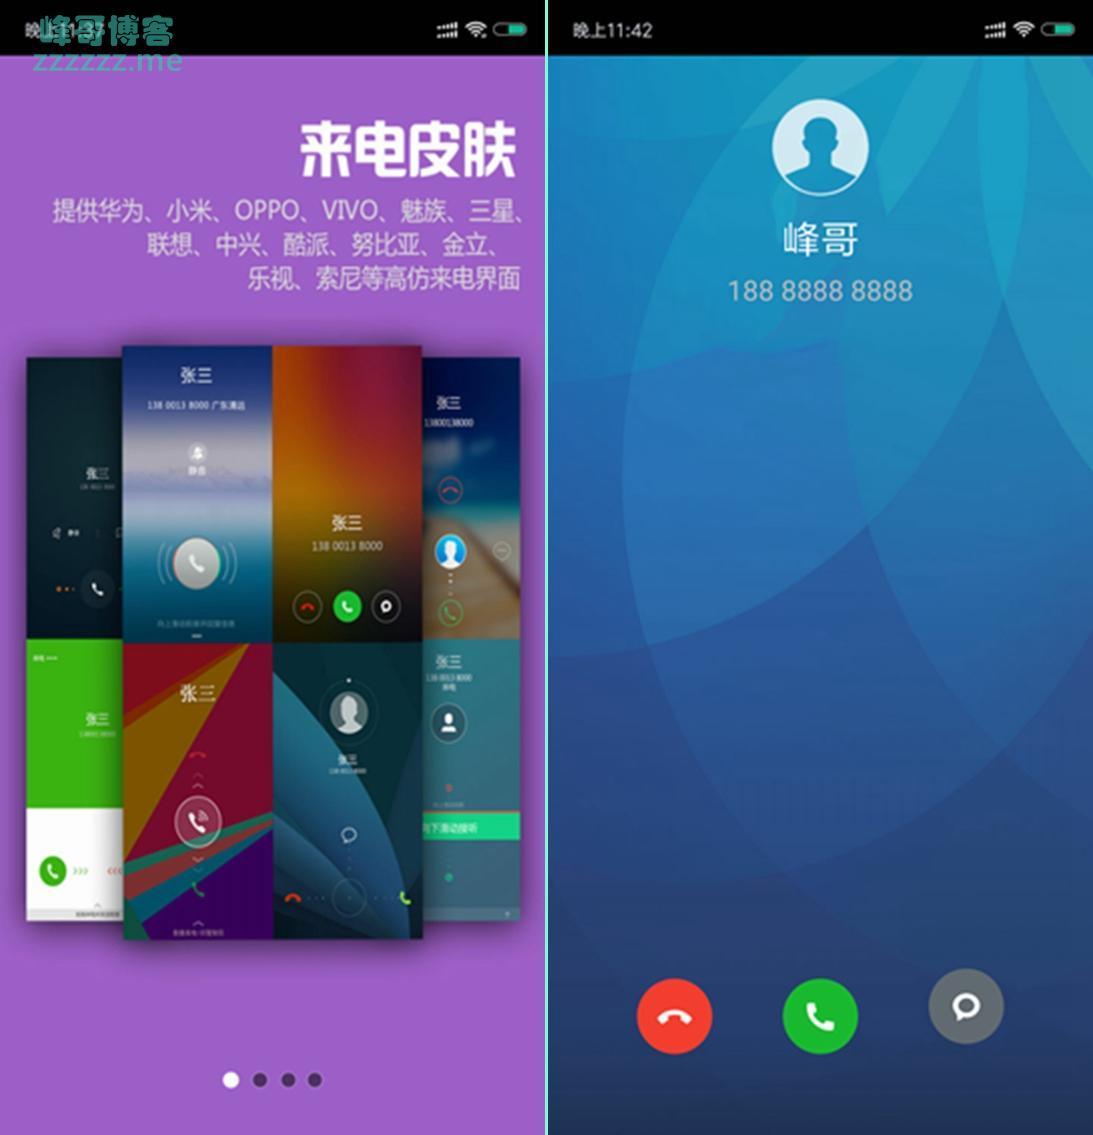 安卓虚拟来电短信 破解版去除收费限制、版本更新